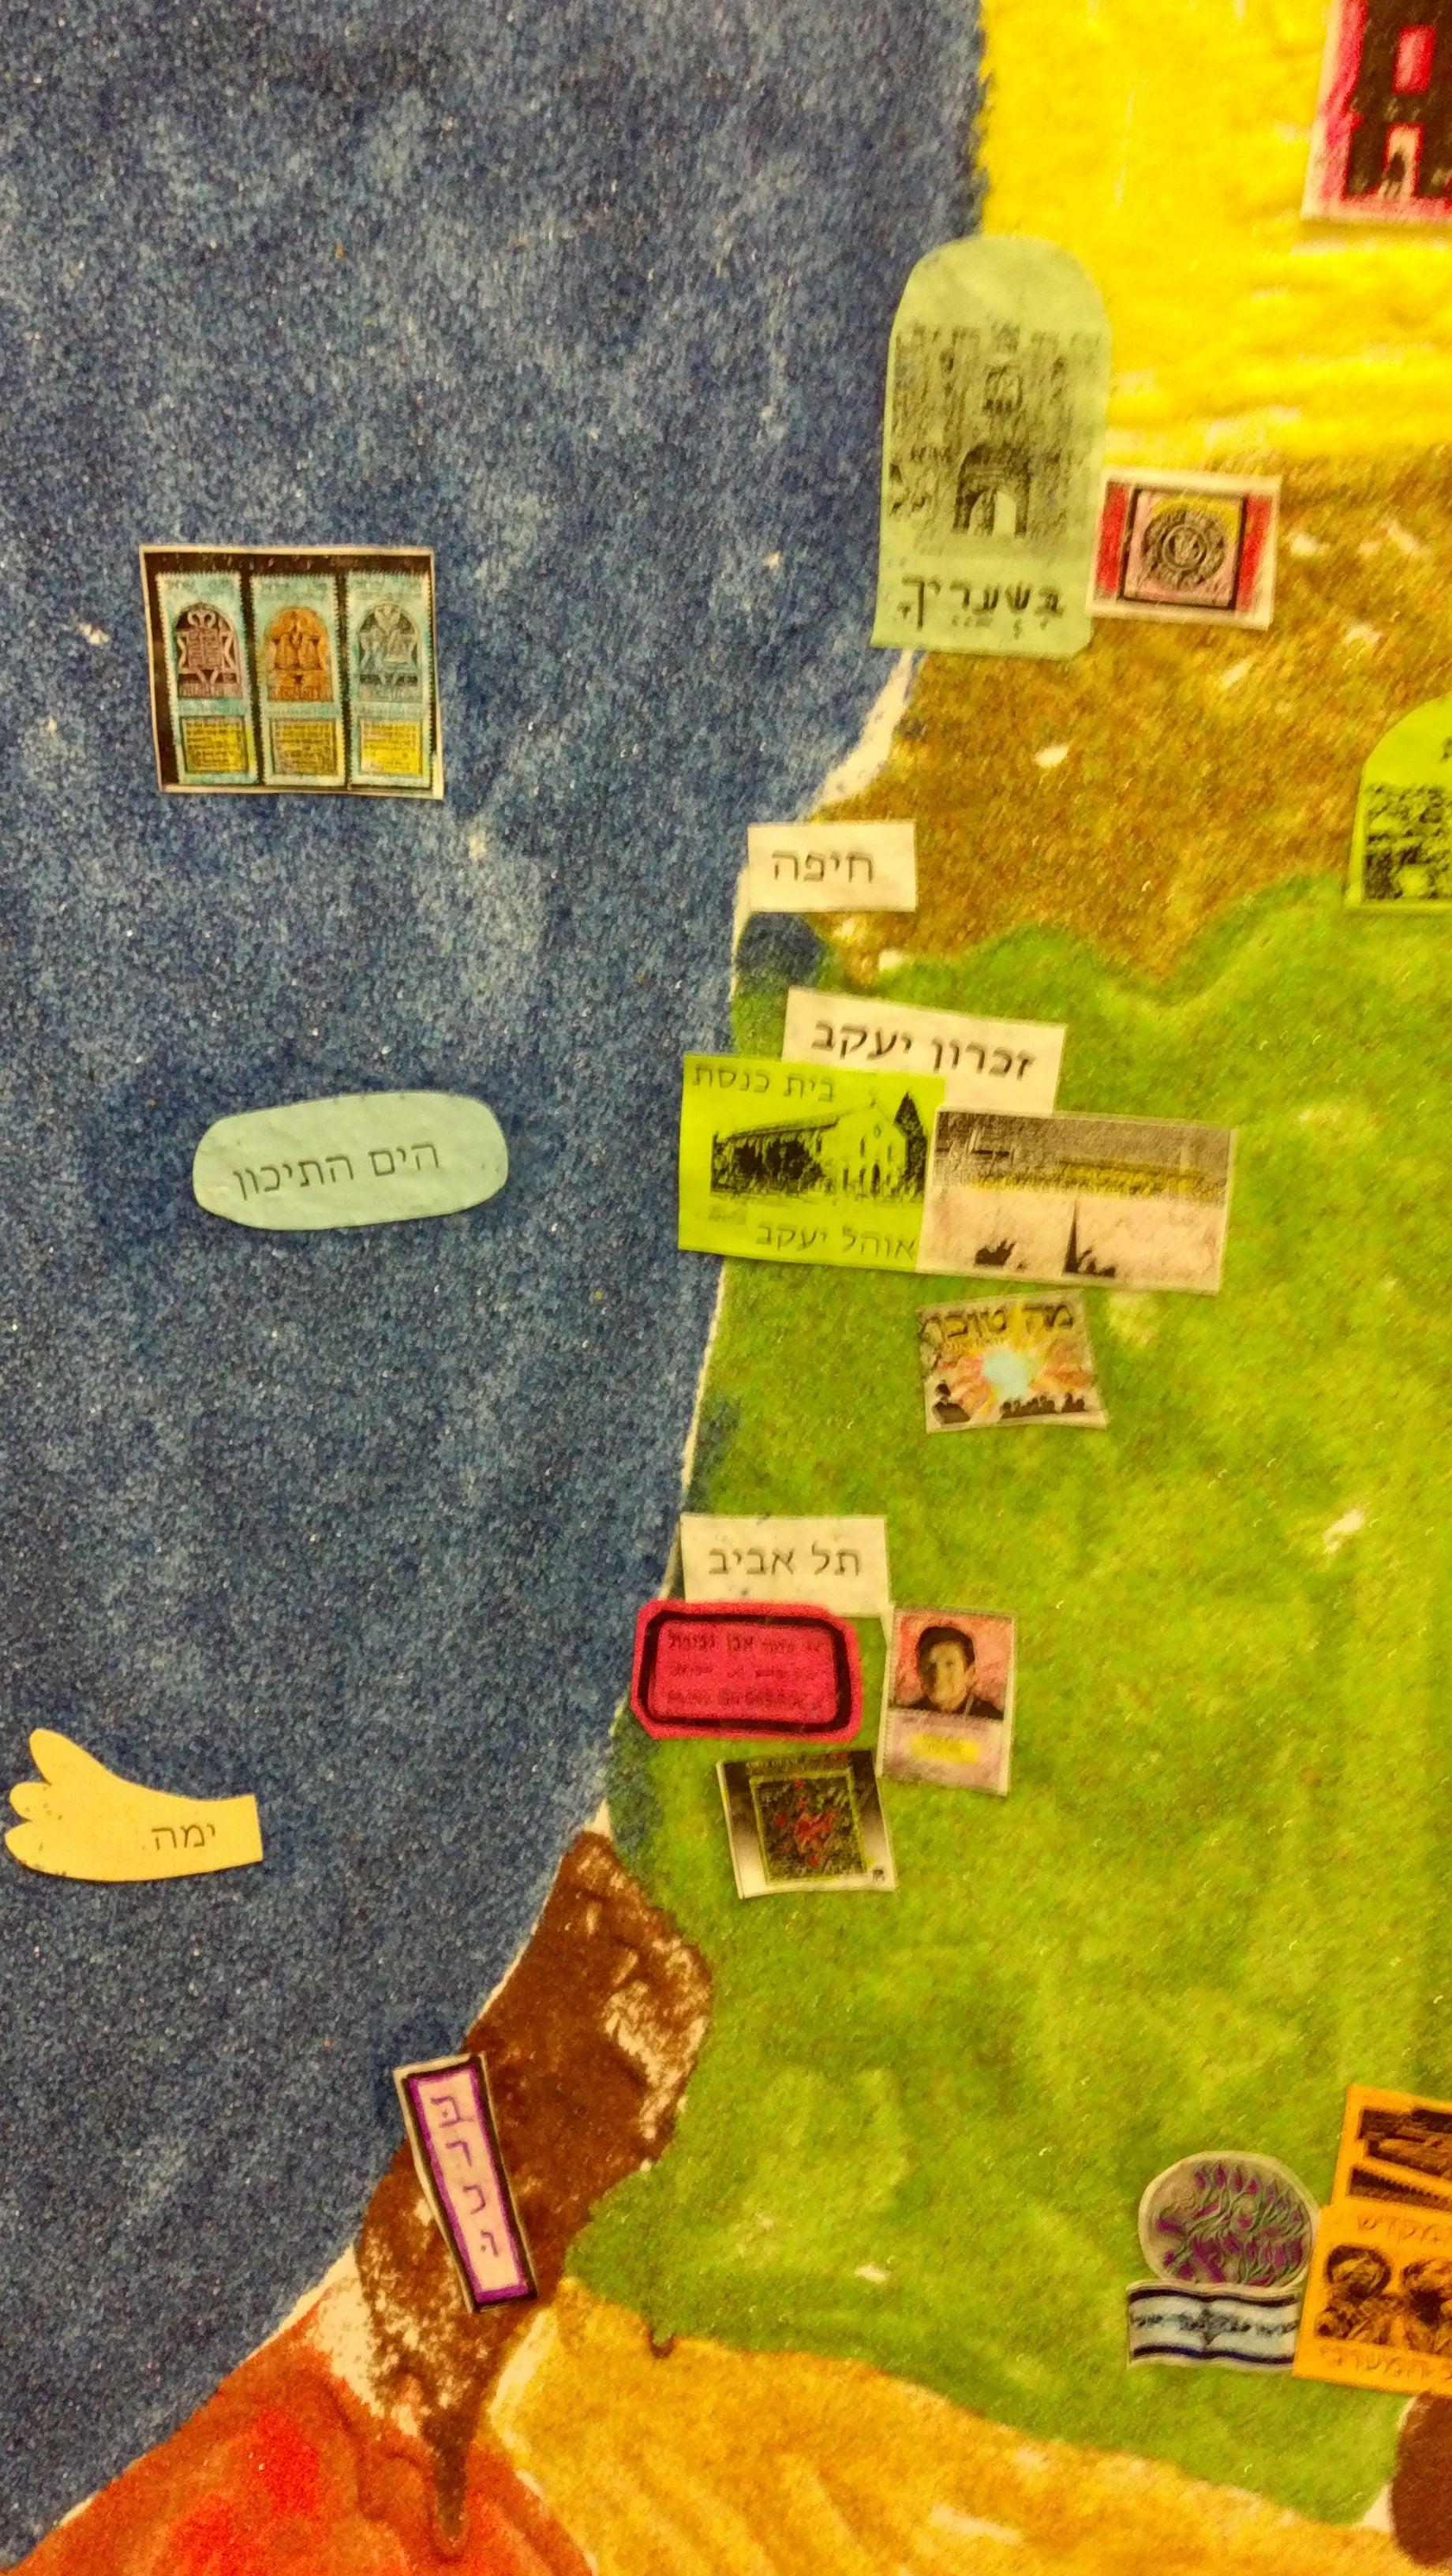 map-for-prayer_8455723663_o.jpg